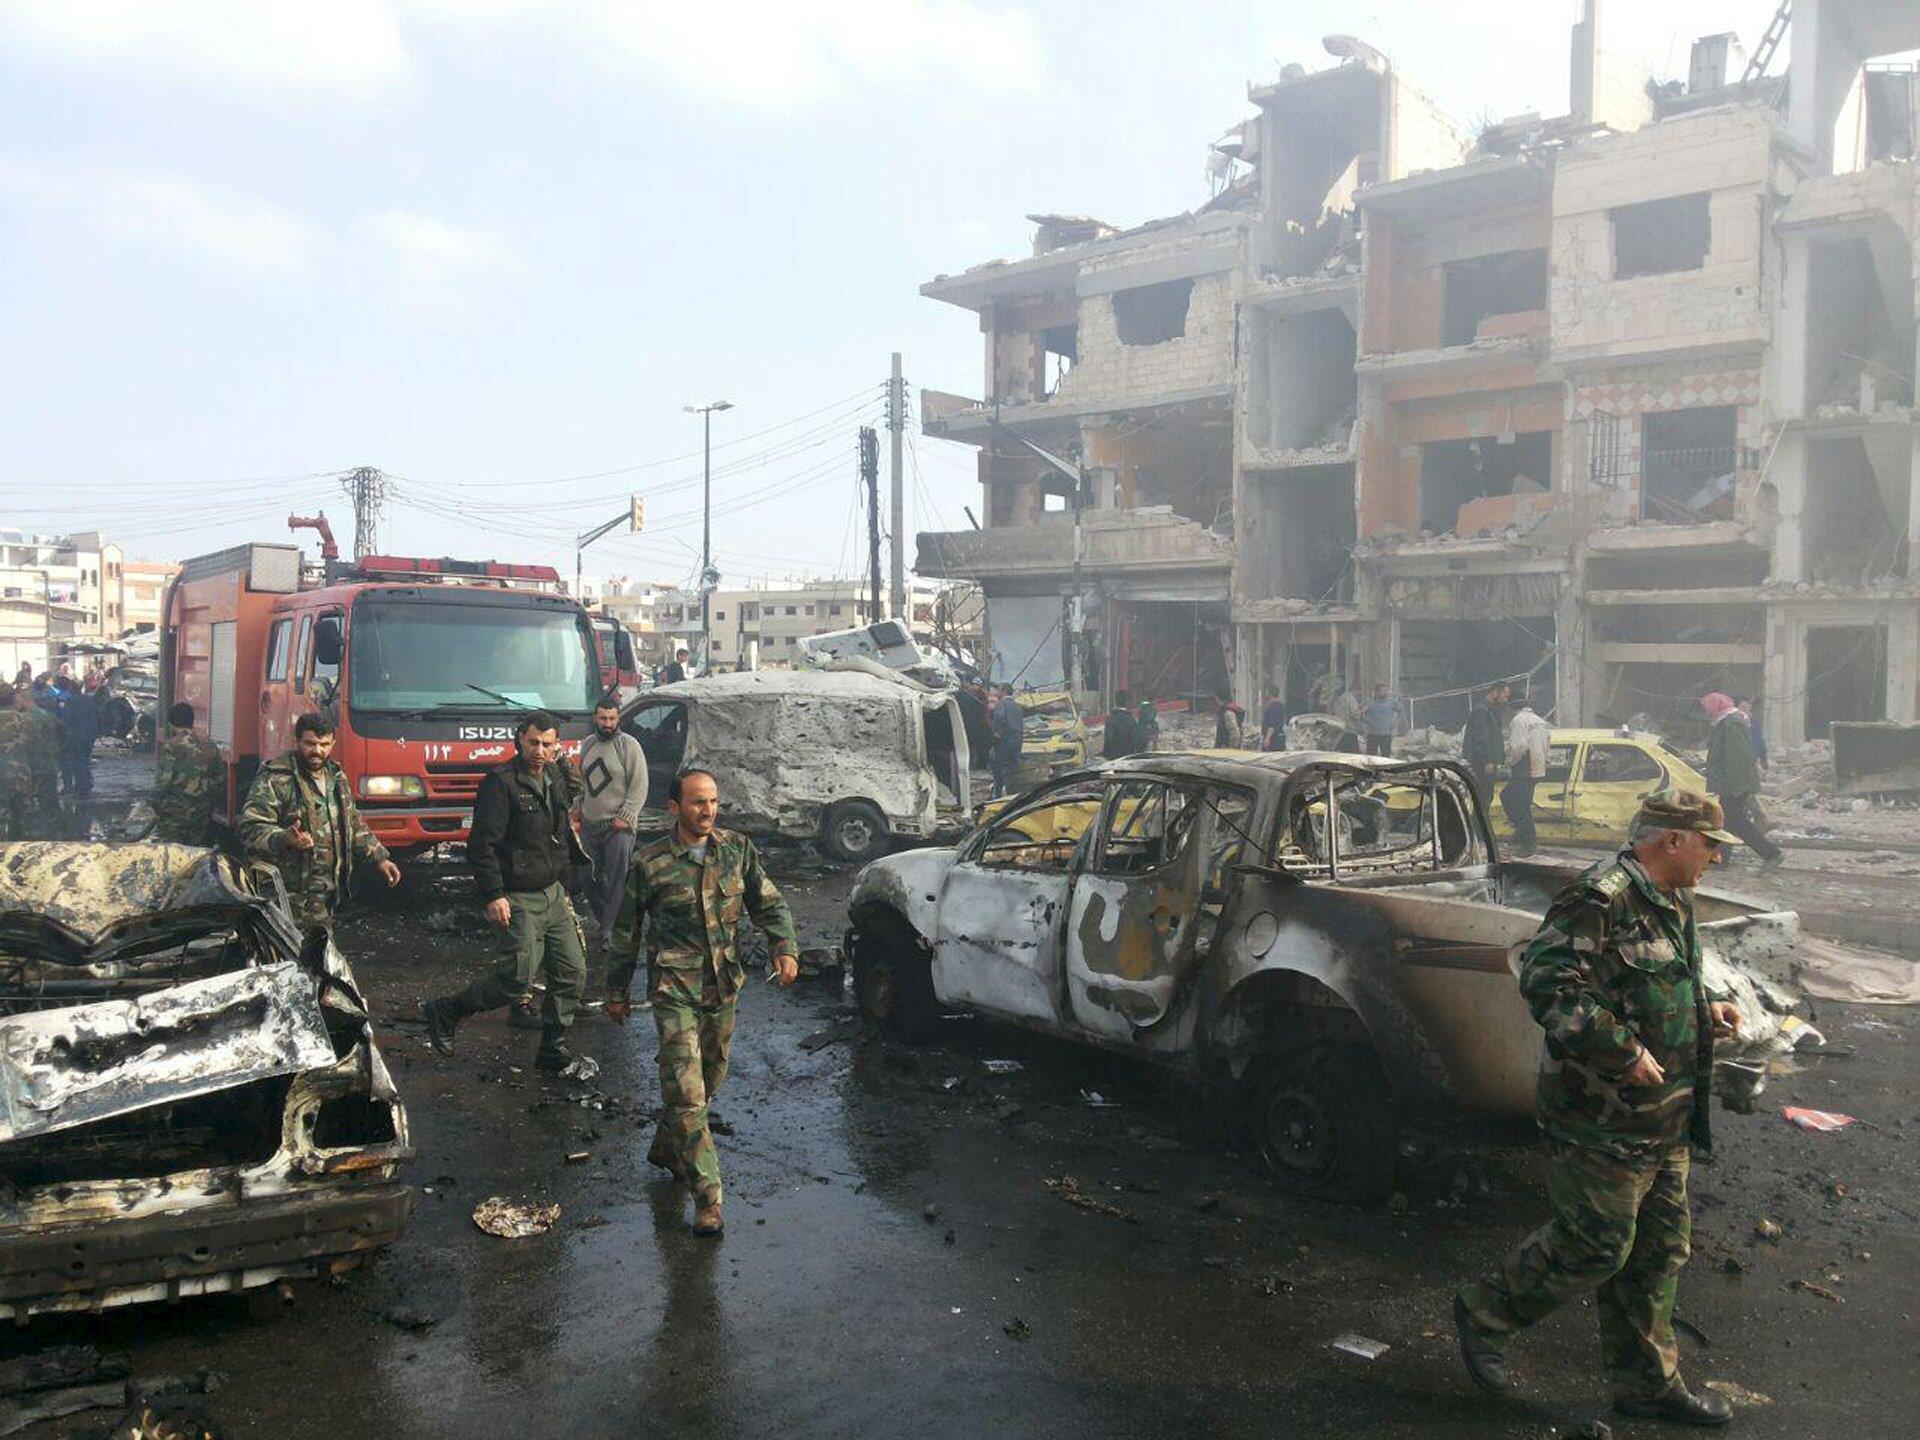 Soldados sirios en el lugar donde se perpetró una doble explosión en Homs. El 21 de febrero del 2016.